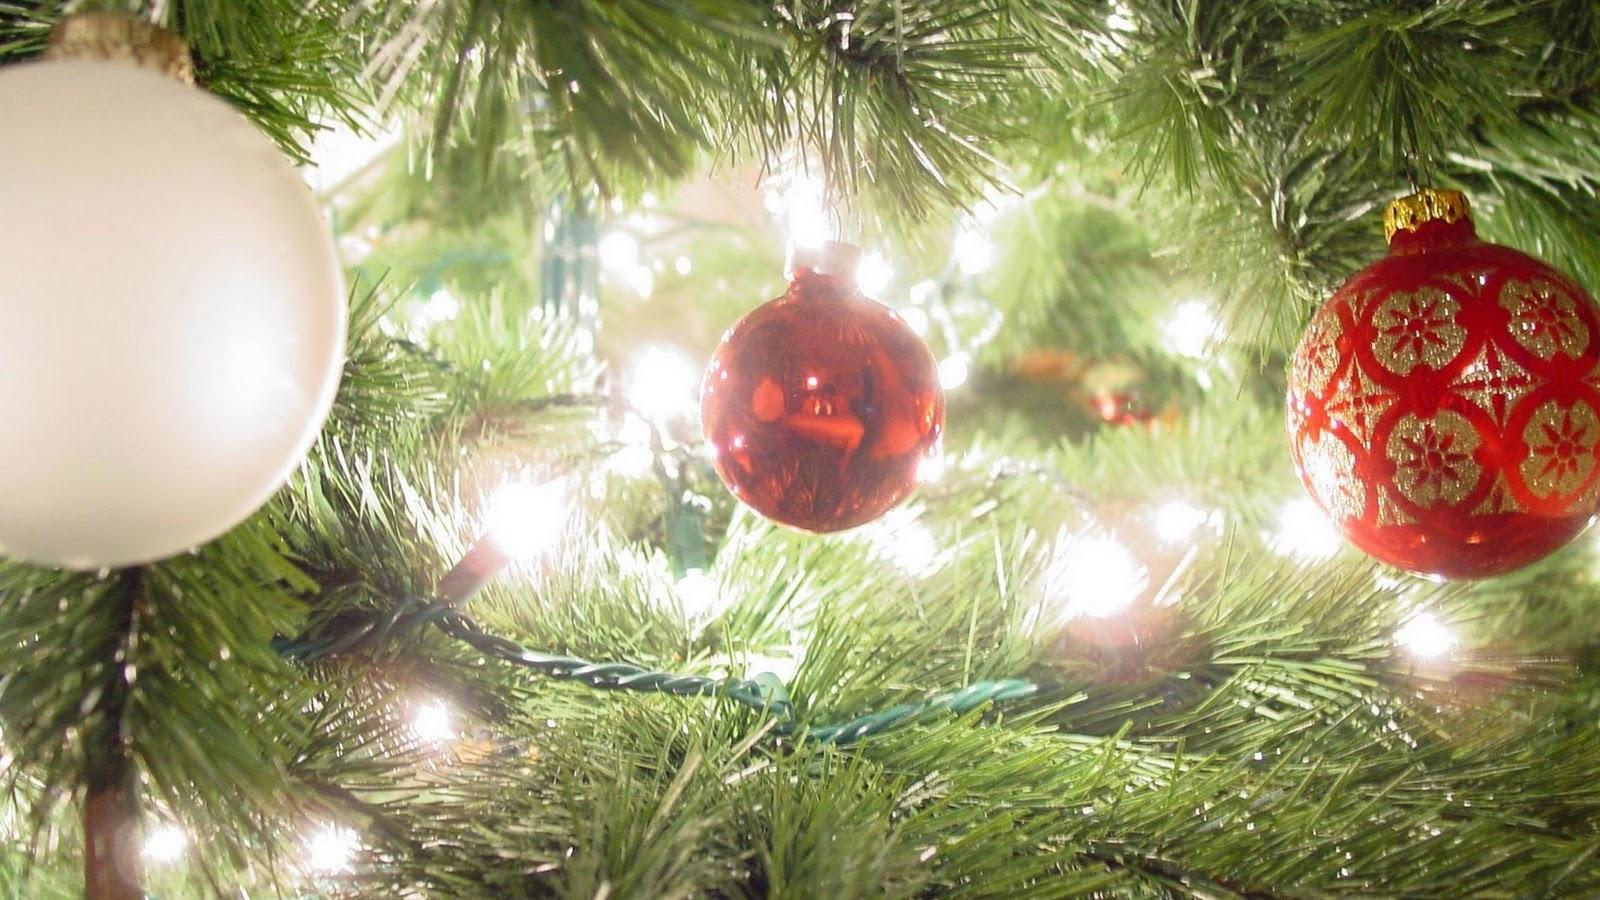 http://2.bp.blogspot.com/-0LmLAkGCUvs/TutT8-i5H4I/AAAAAAAAY-M/l2taOT165Iw/s1600/Christmas+HD+Wallpapers.jpg